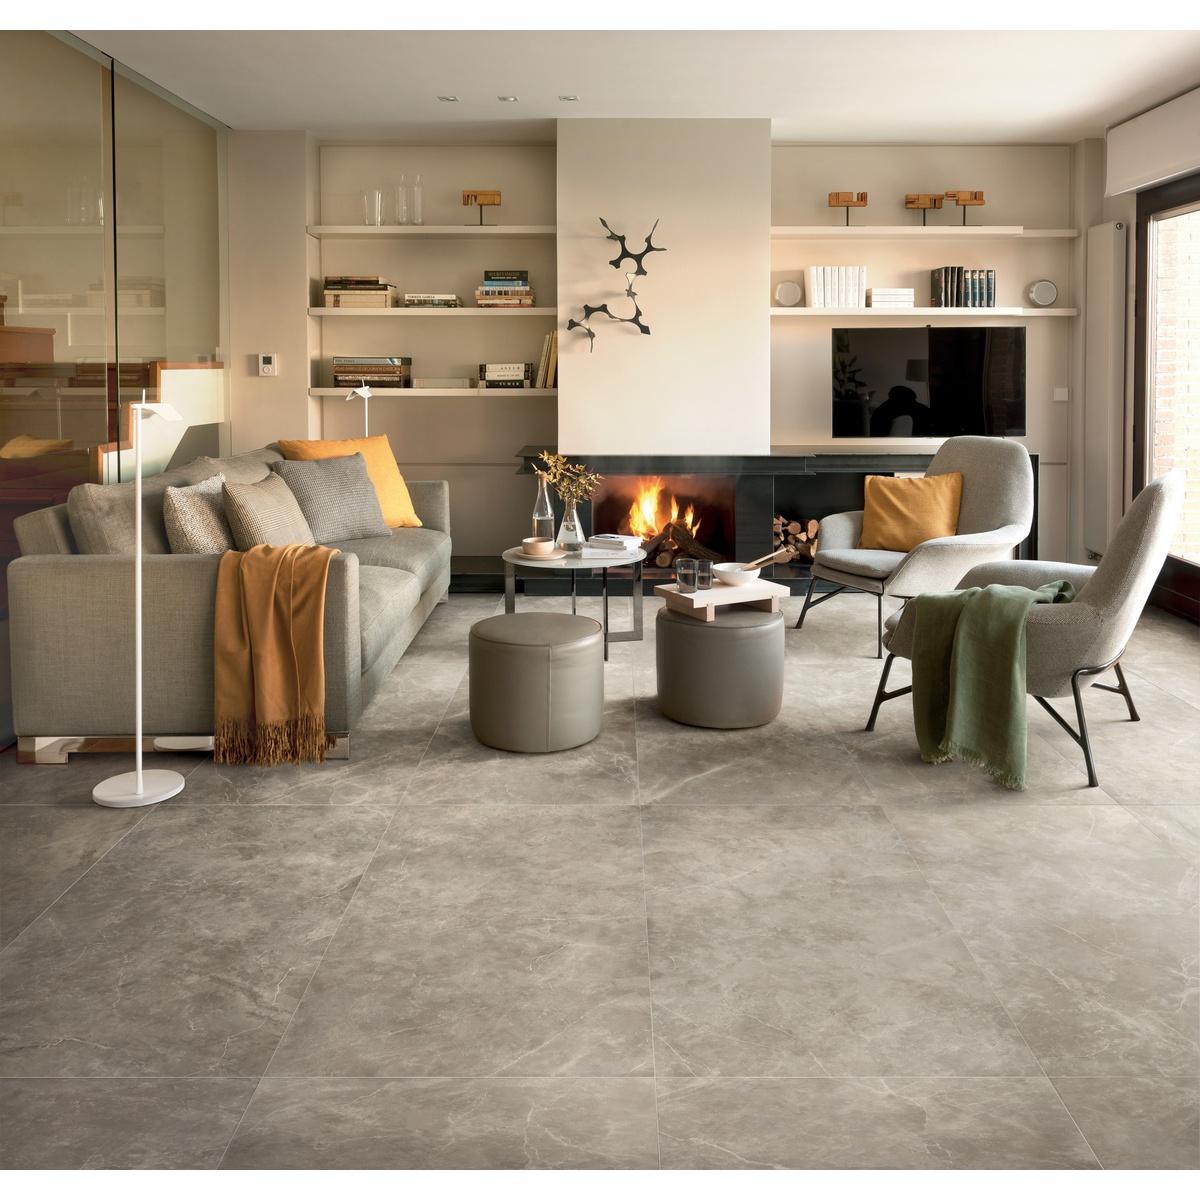 Pavimento Finto Marmo Lucido dom ceramiche gres porcellanato effetto marmo lucido stile